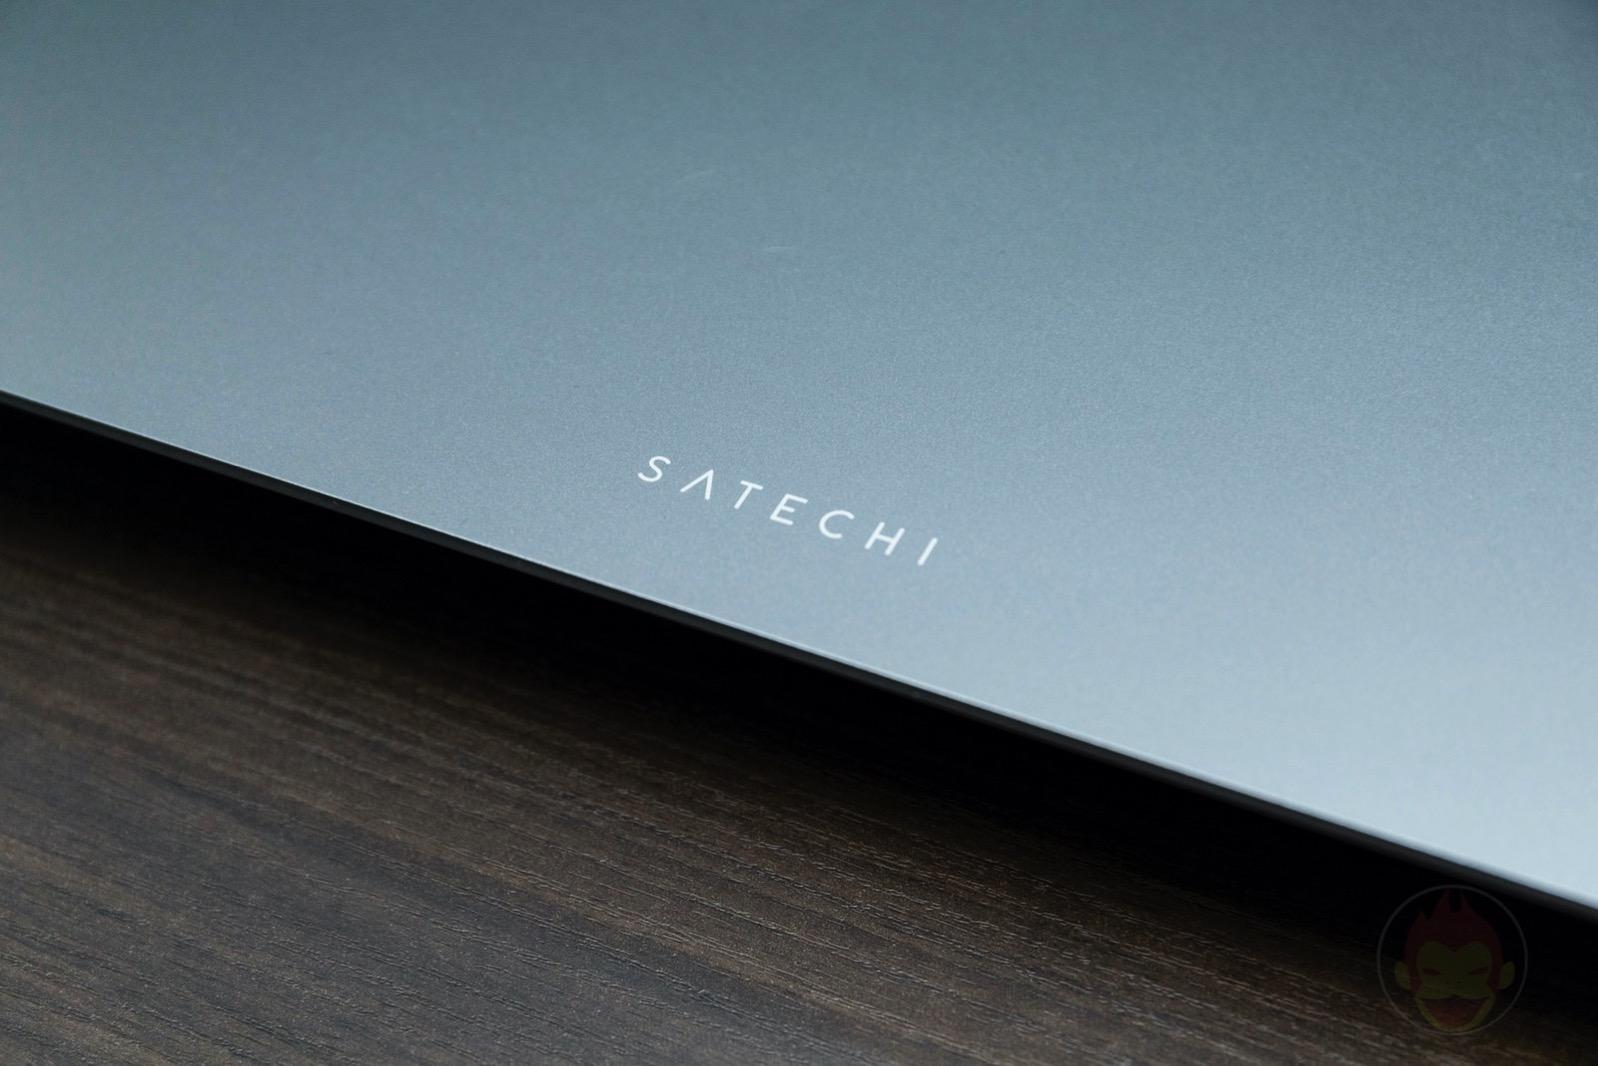 Satechi-Aluminium-Moniter-Stand-02.jpg